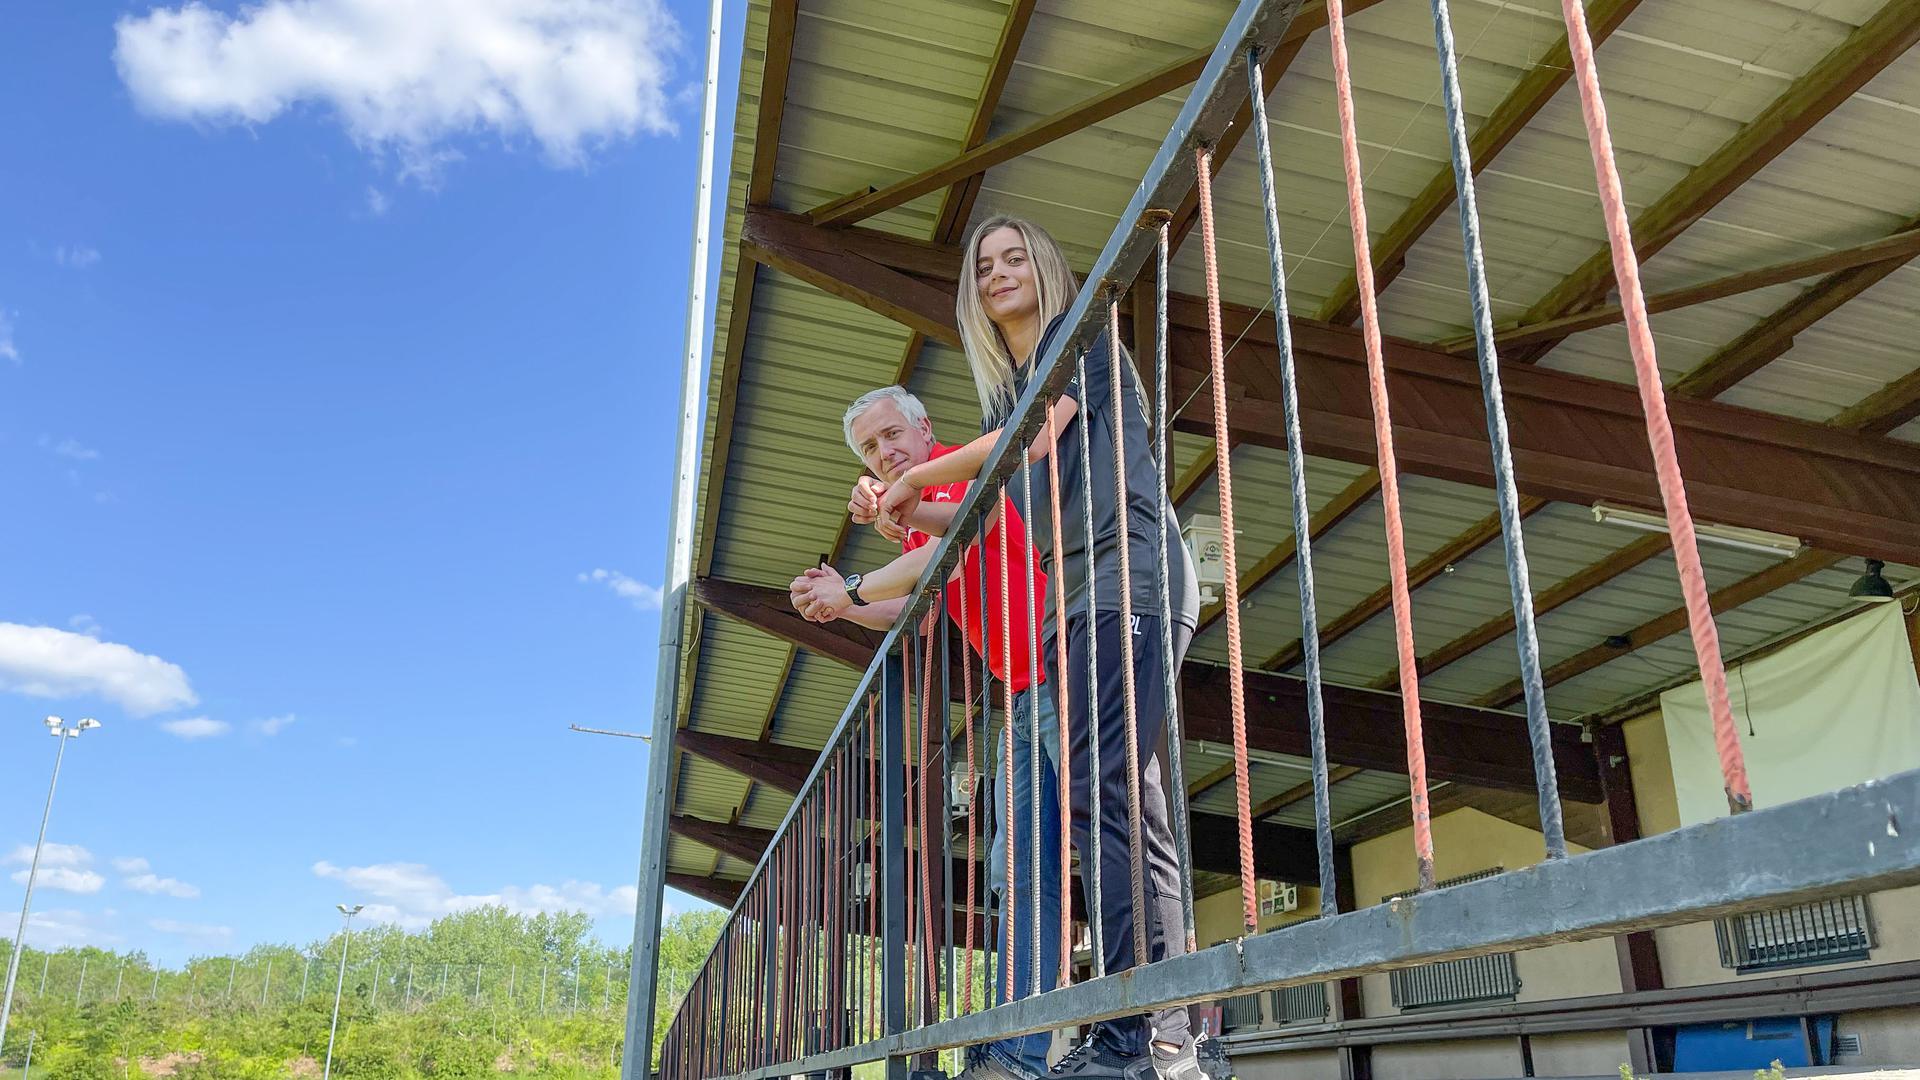 Mirko Just und Ramona Lechner vom FSV Büchenau stehen auf der Tribüne des Sportplatzes. Der Verein sammelt gerade für die Erneuerung des Geländers.